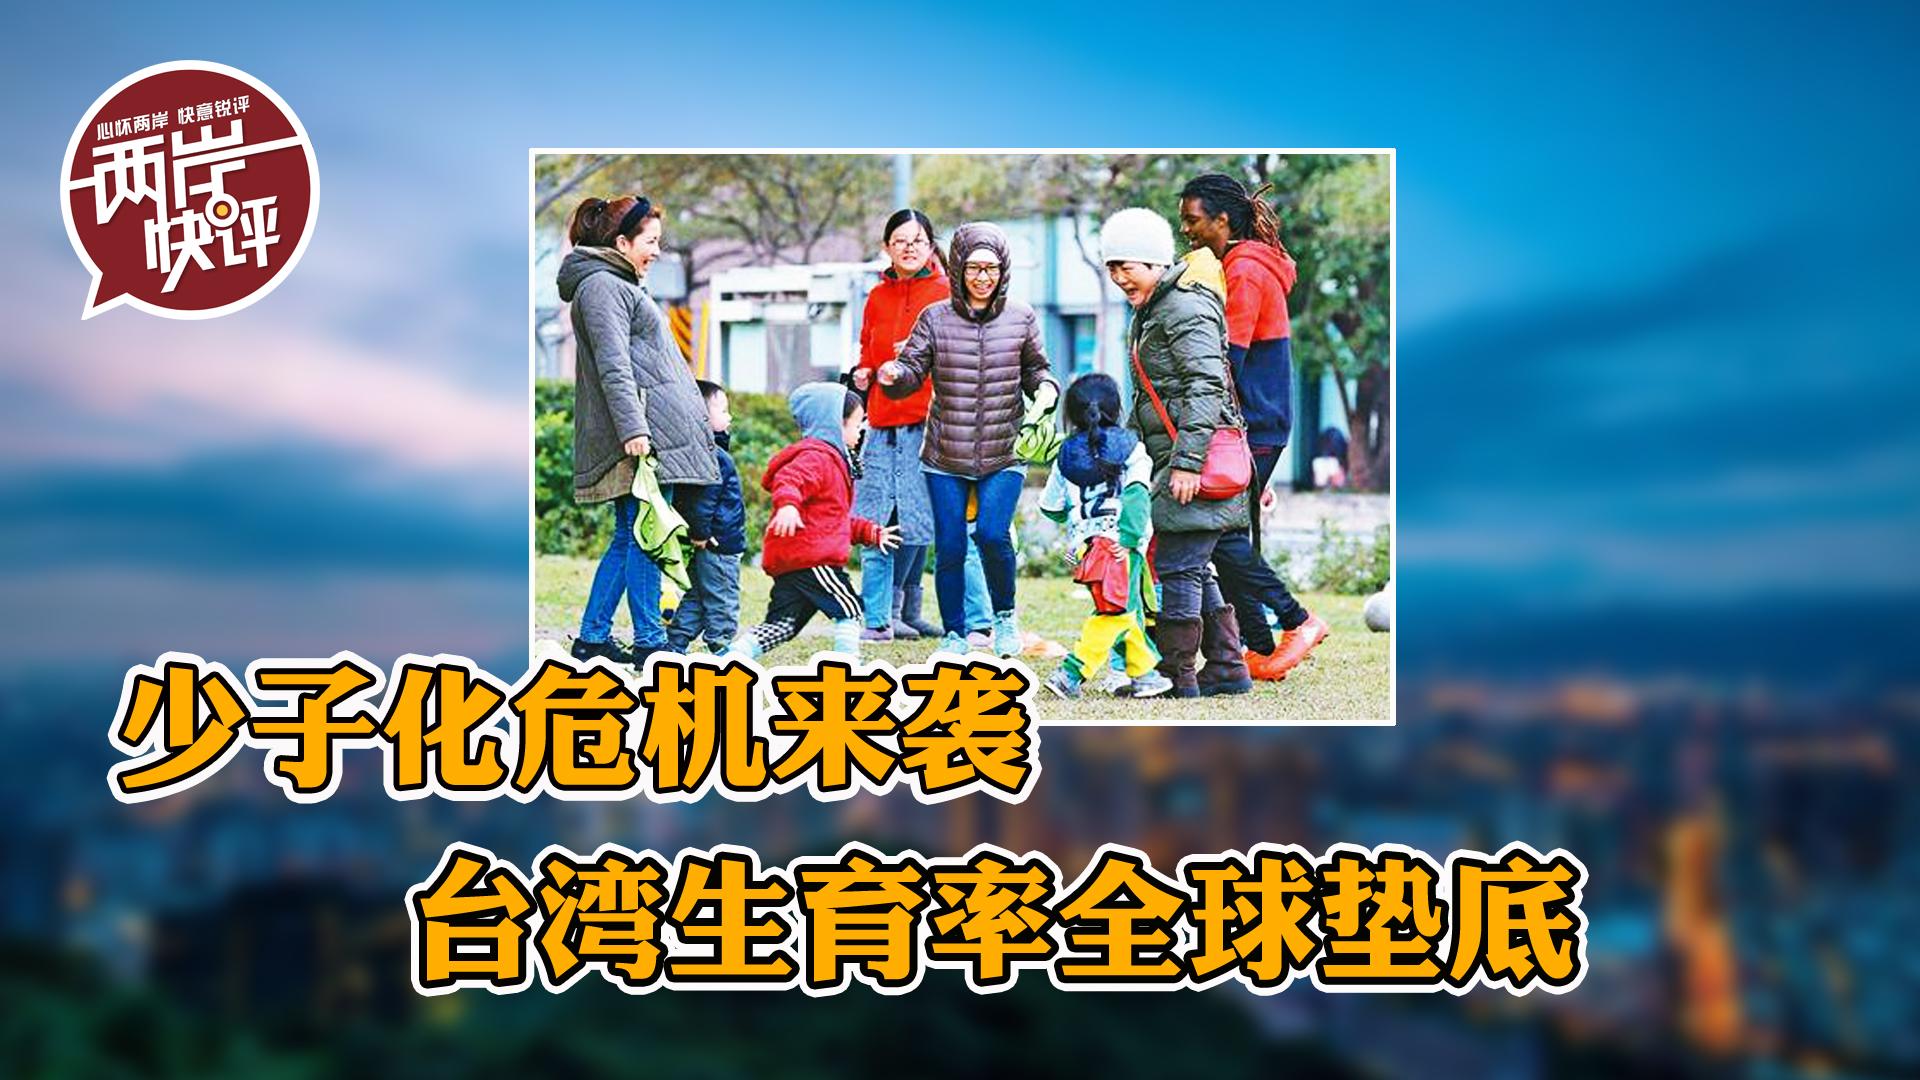 生育率全球垫底,为何台湾年轻人不爱生孩子?图片